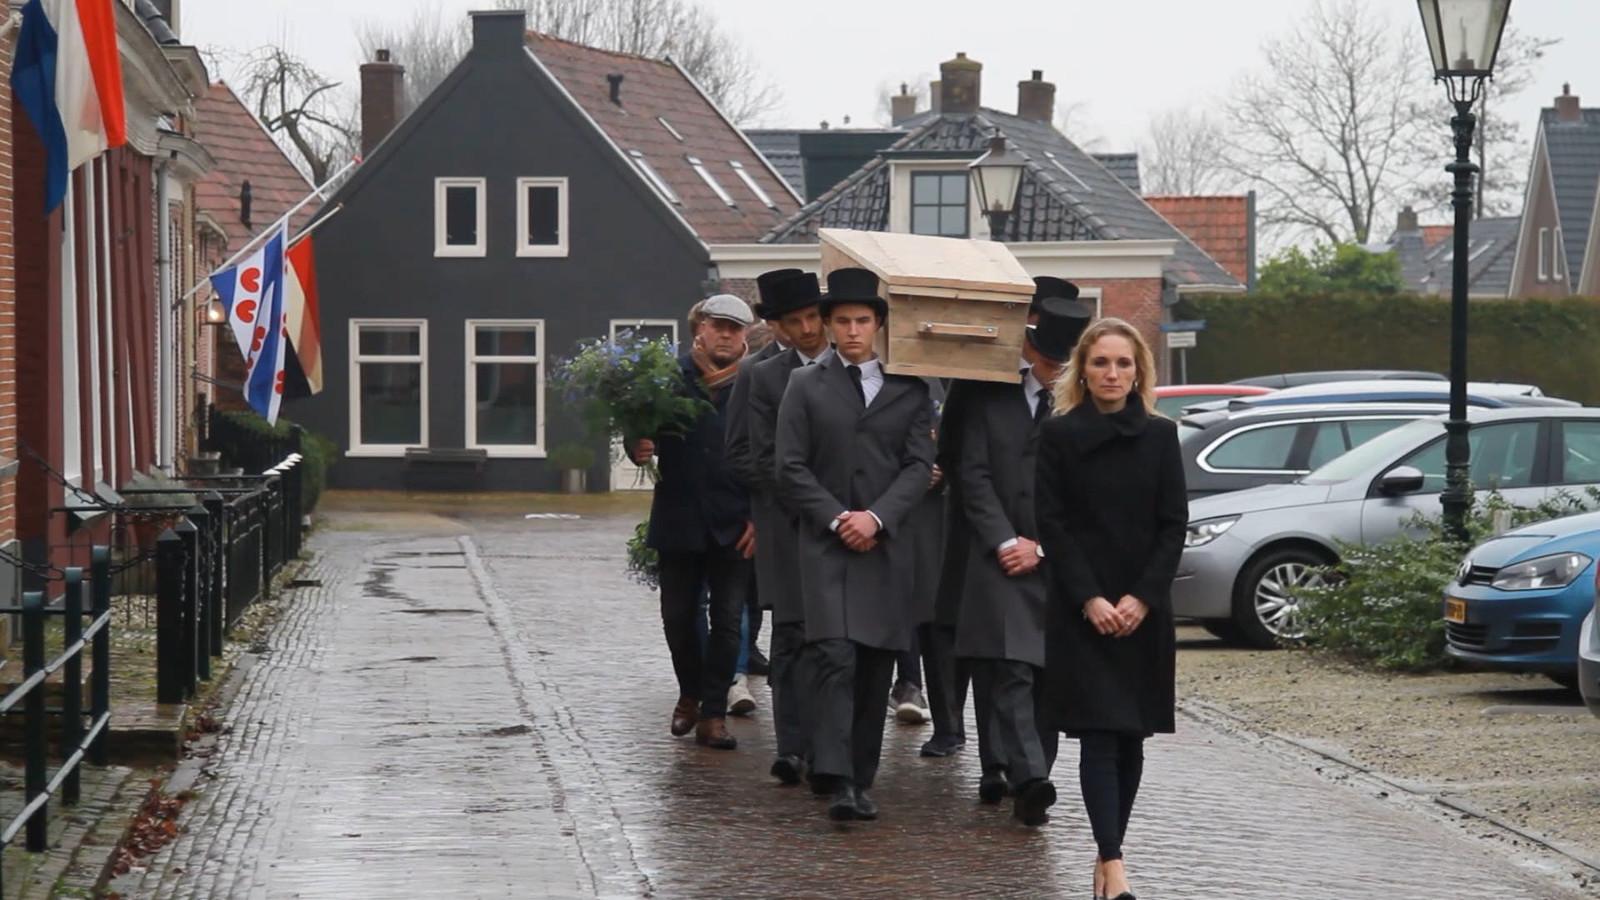 De onlangs overleden Aart Staartjes (81), beter bekend als meneer Aart, is vanmiddag in zijn woonplaats in besloten kring begraven. De dienst vond plaats in de kerk tegenover zijn huis.